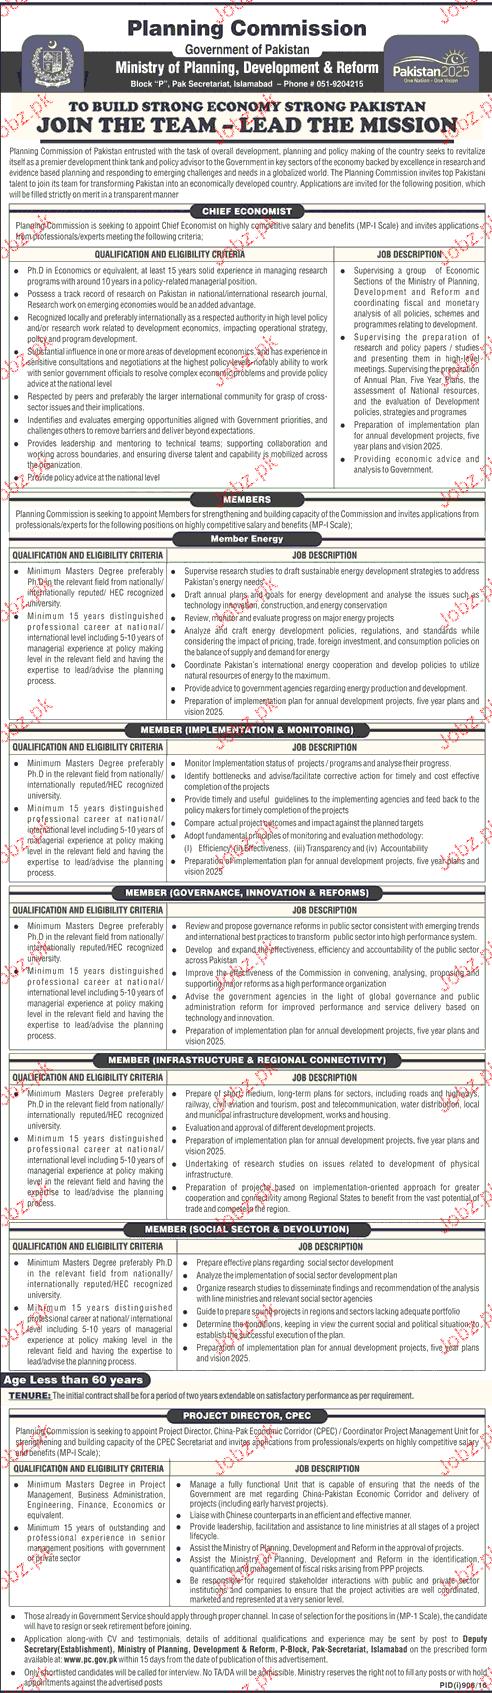 Chief Economists, Project Director Job in Planning Departmen